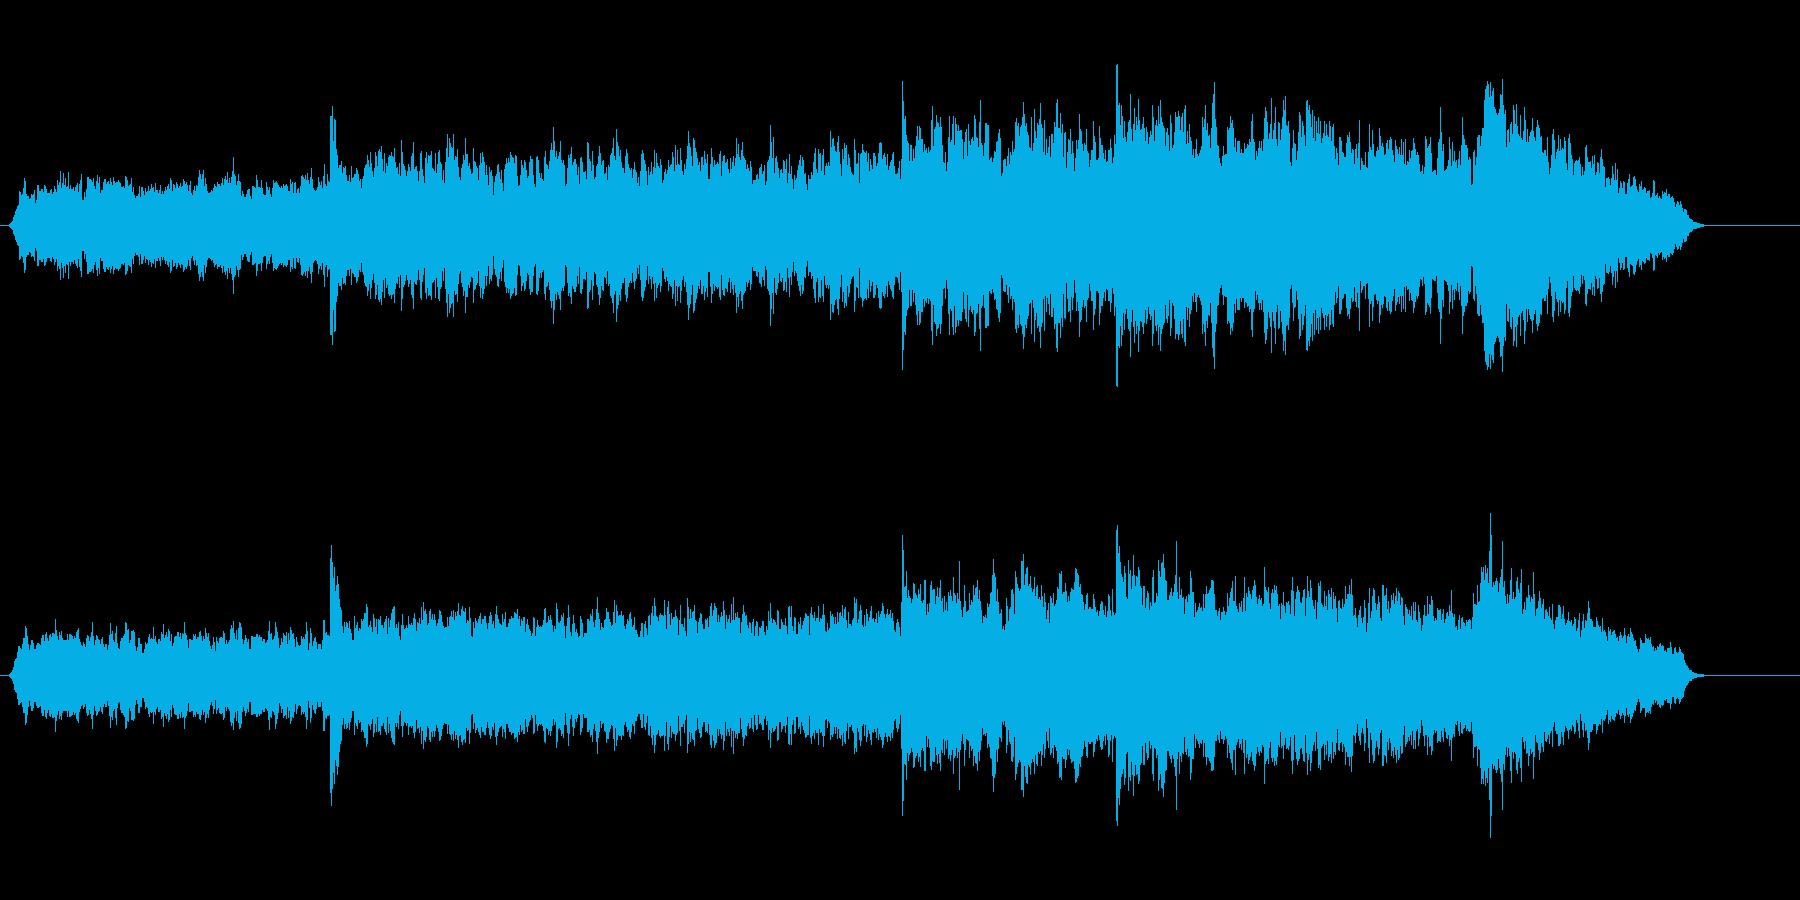 スパイスが染みわたるレイジーな環境音楽の再生済みの波形